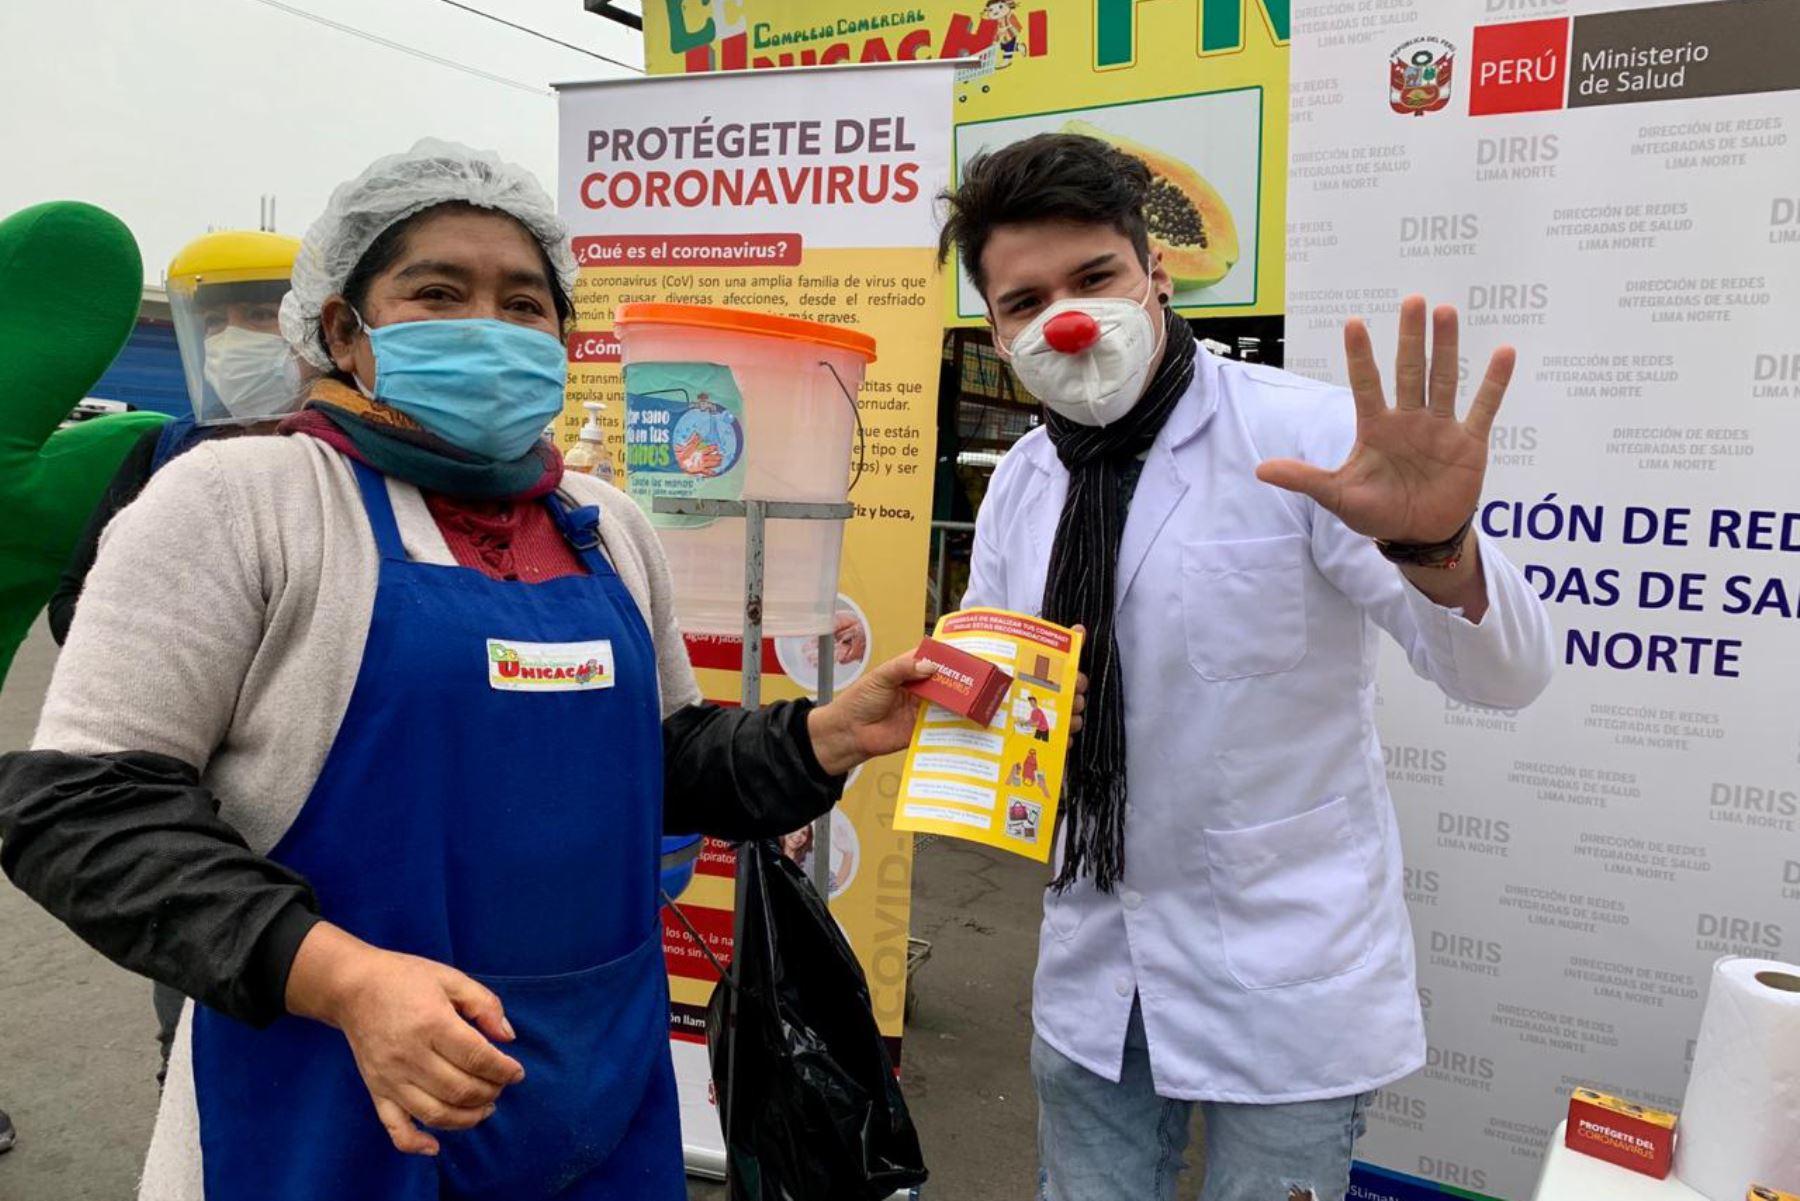 Esta mañana, personal del MINSA brindó orientación y demostración de las medidas para prevenir el covid-19 en el mercado Unicachi, en Comas, donde circulan cerca de 1700 personas diariamente.   Foto: MINSA